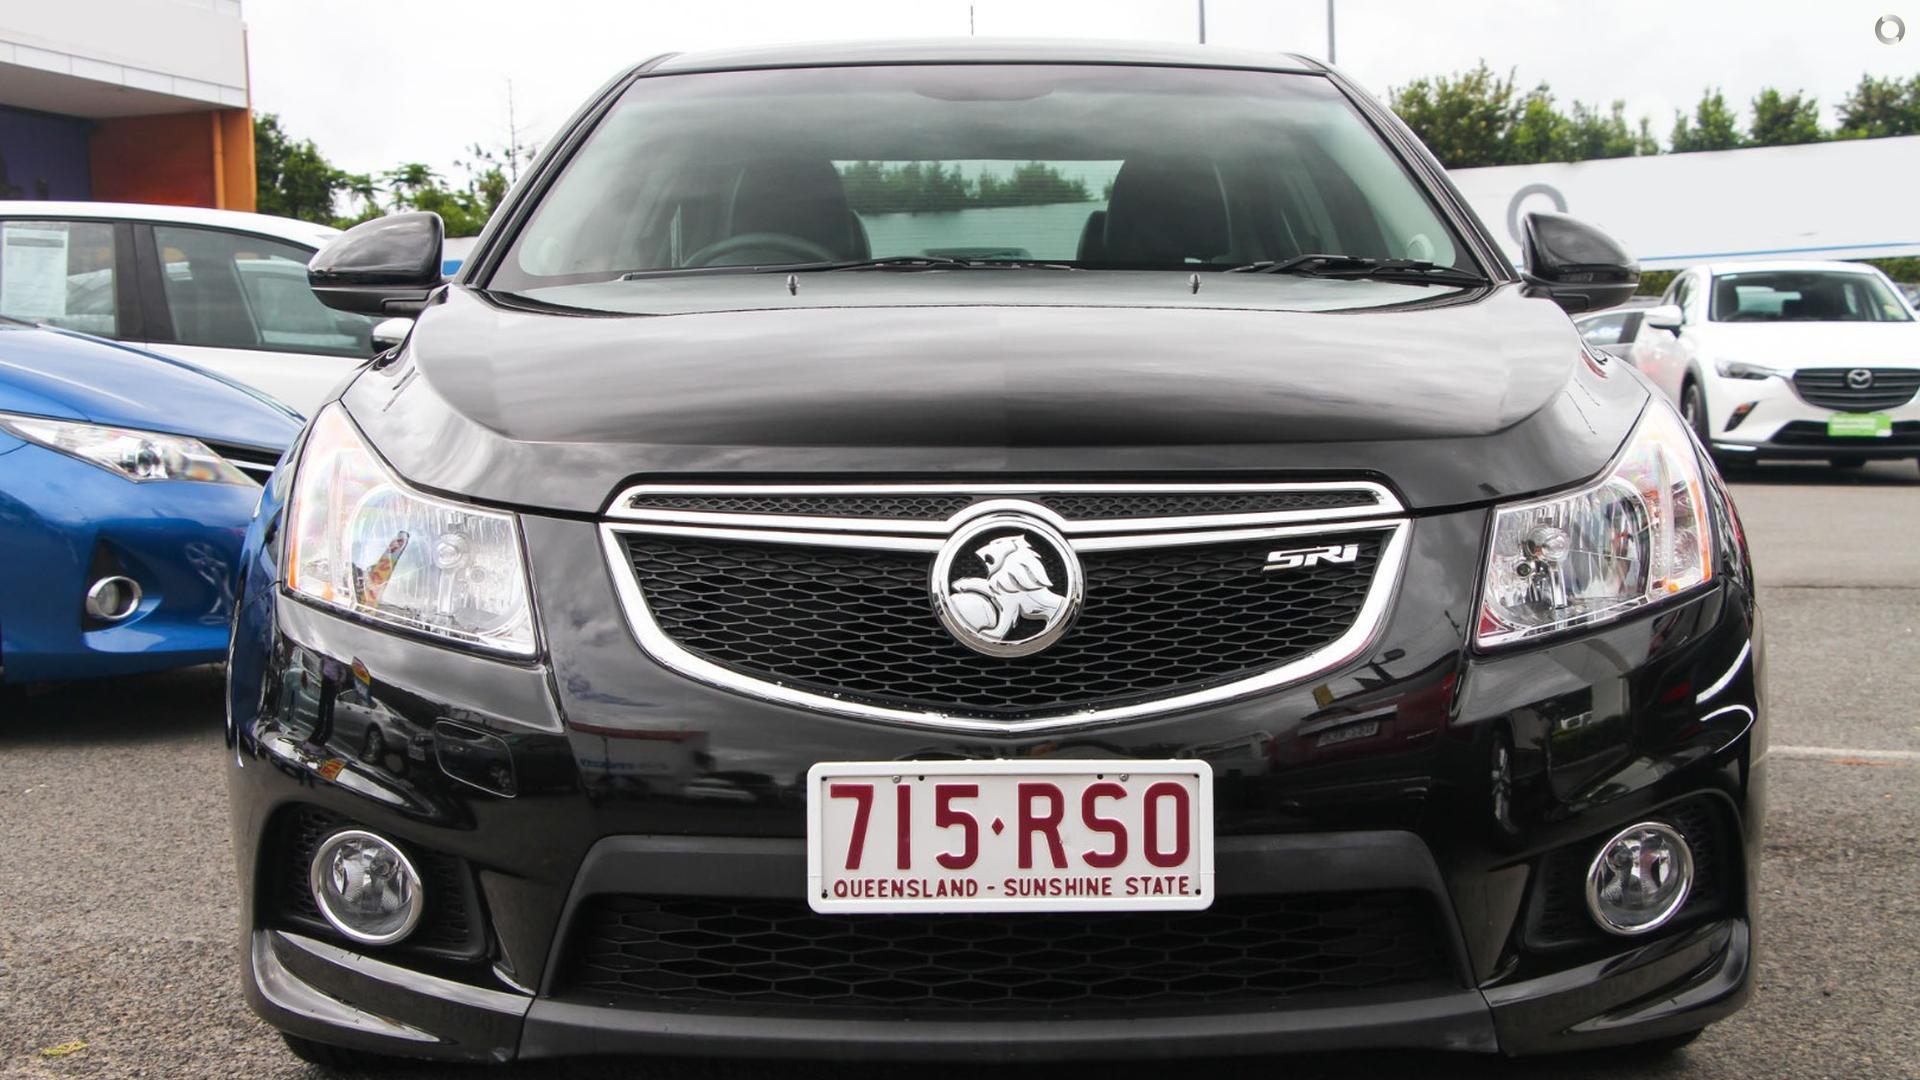 2011 Holden Cruze Sri V Jh Series Ii Oldmac Mazda